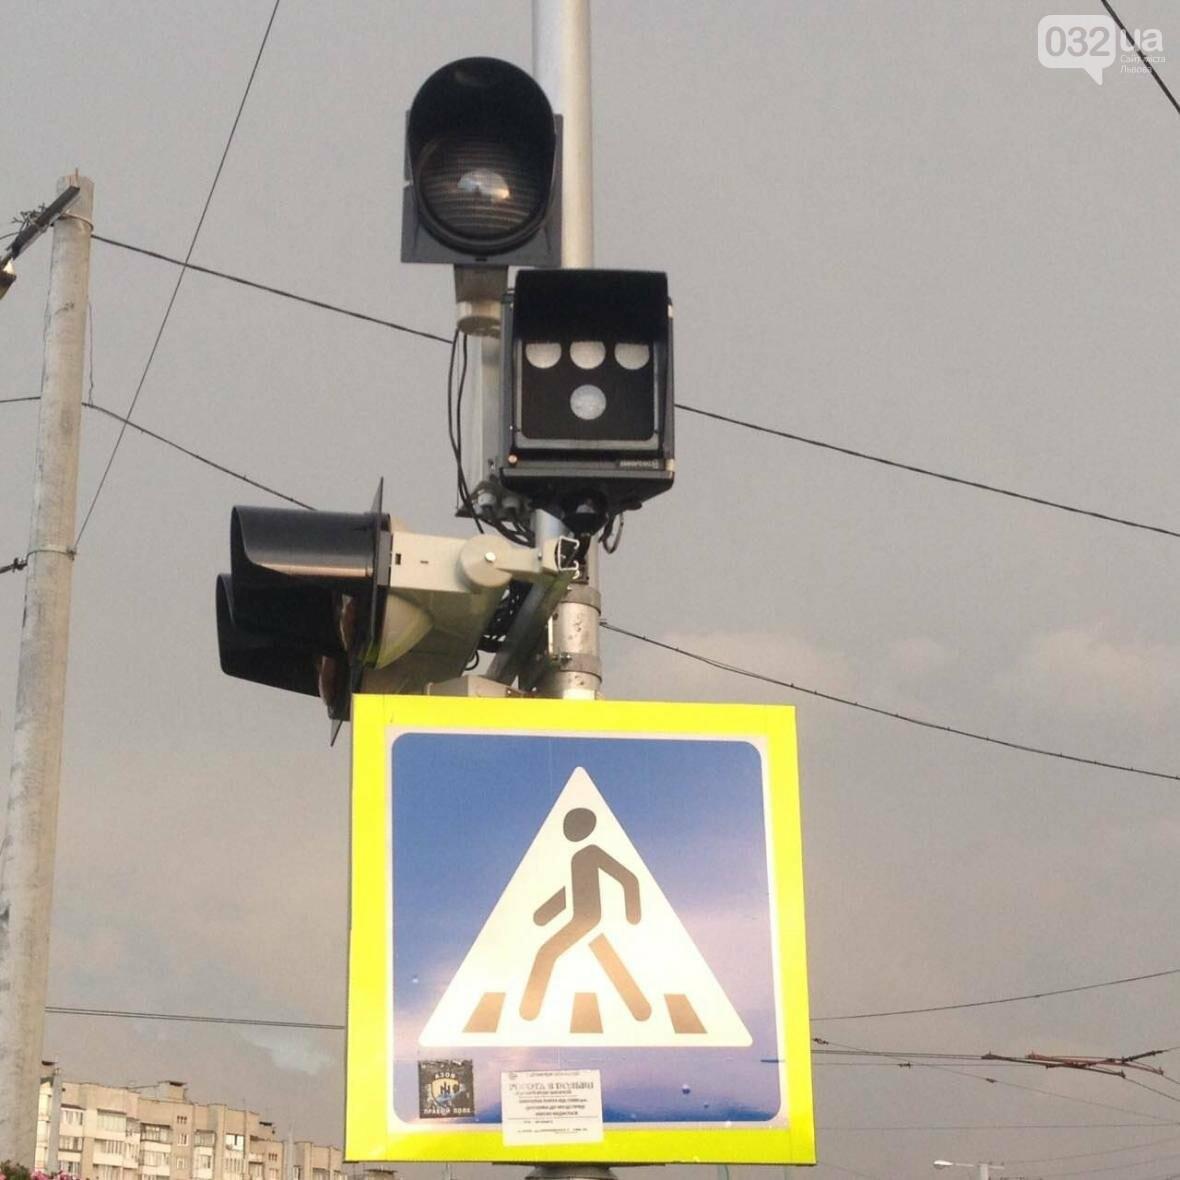 Вздовж трамвайної лінії на Сихові запрацювали розумні світлофори (ФОТО), фото-3